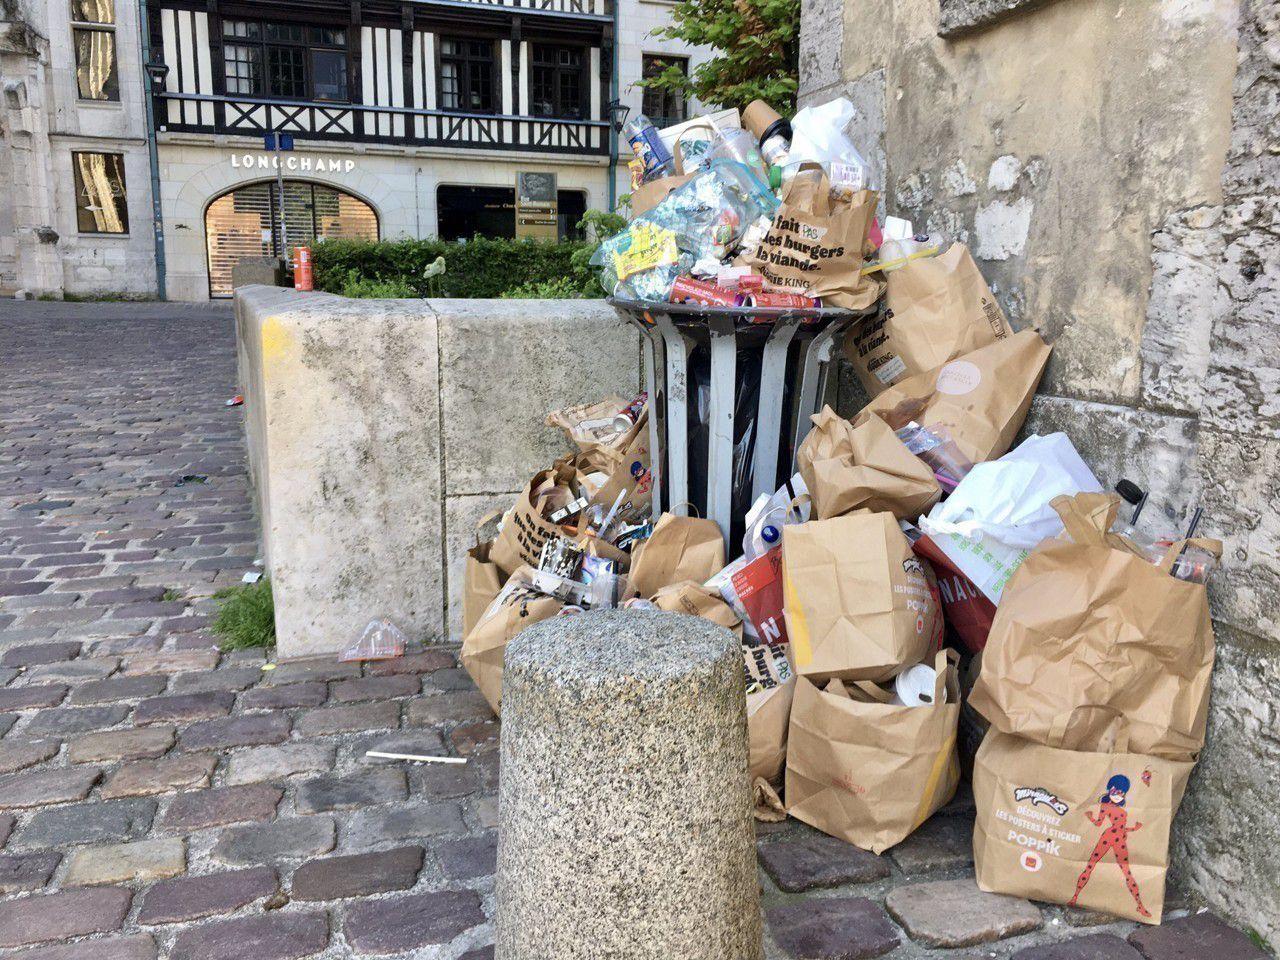 Les premiers de corvée en grève à Rouen.  Conséquence de la loi de transformation de la Fonction publique, la mairie de gauche veut leur retirer une semaine de congés ... Photo actu.76